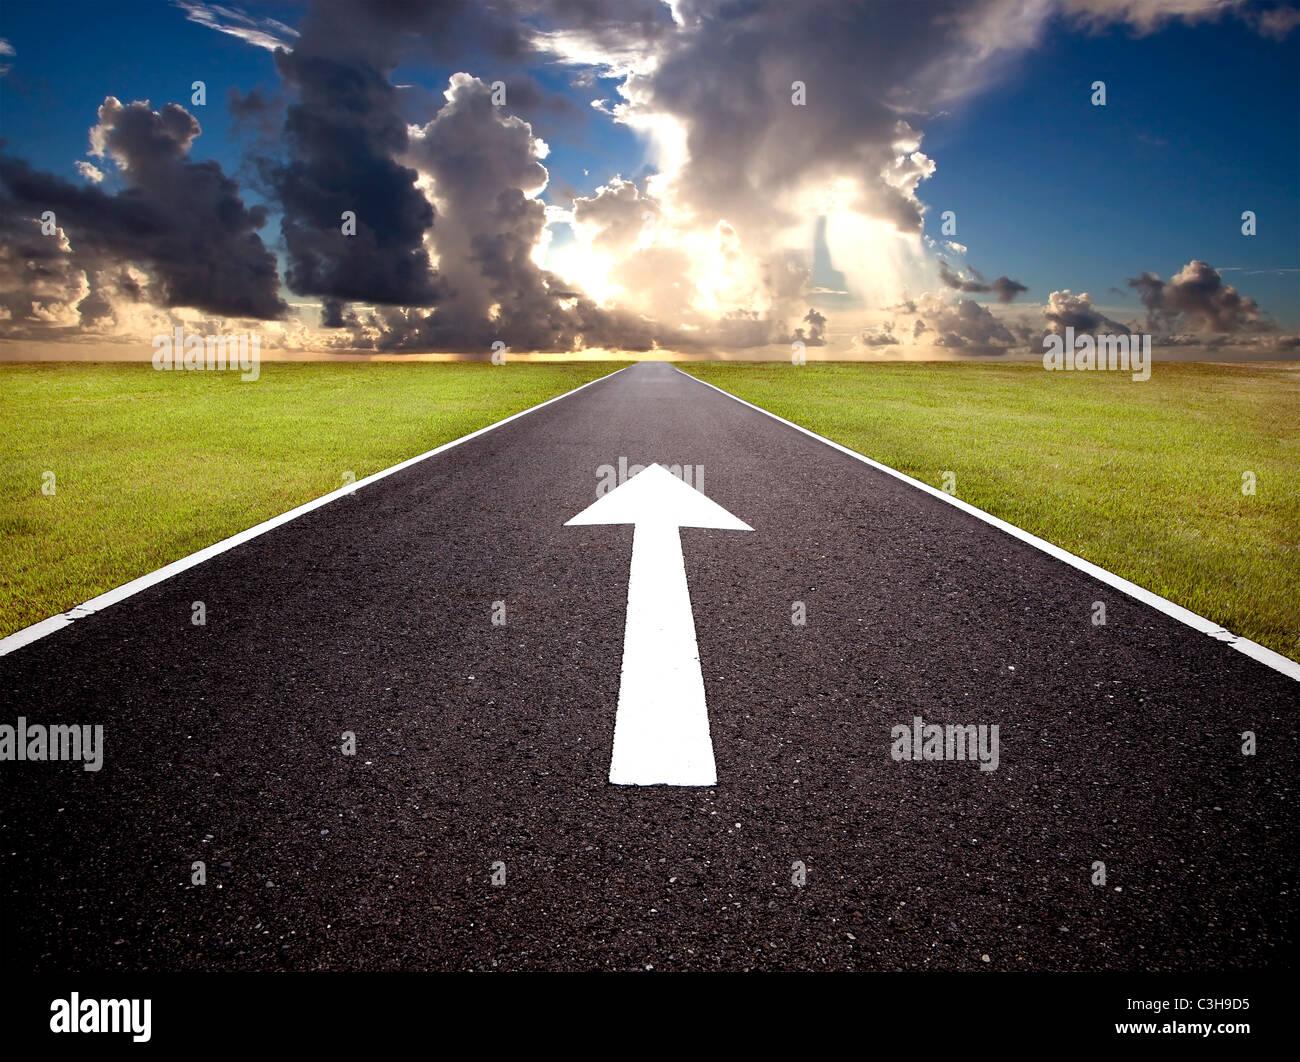 El camino hacia el amanecer y marca de avance Imagen De Stock